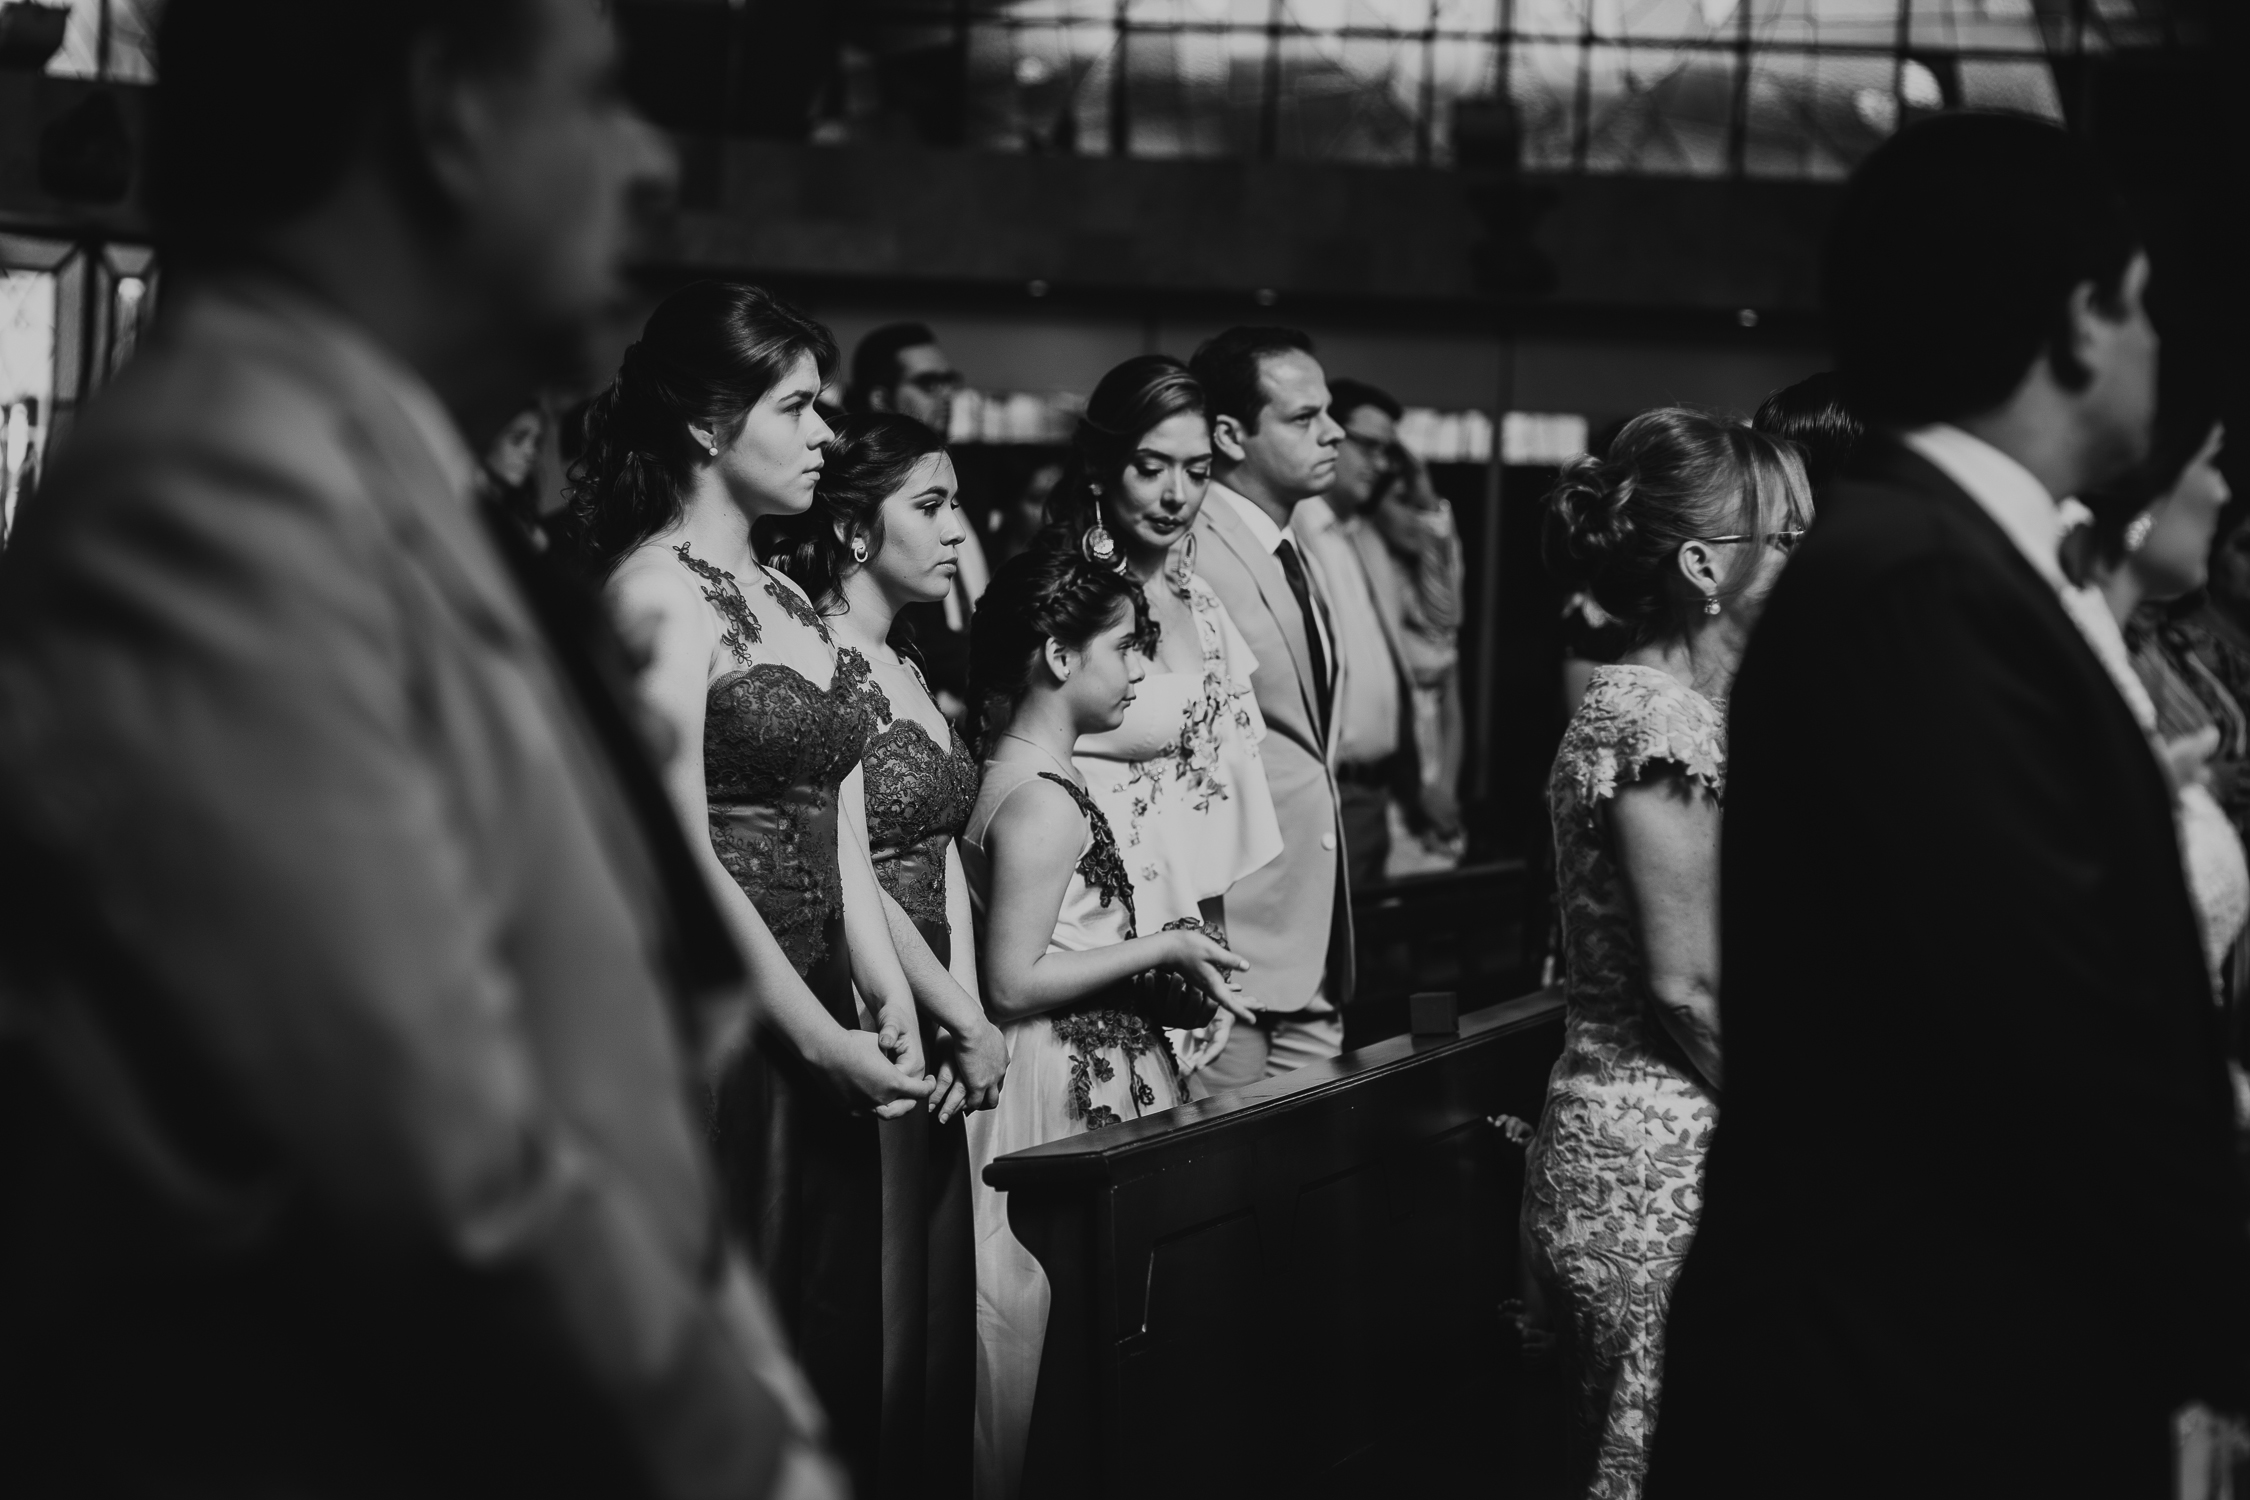 Michelle-Agurto-Fotografia-Bodas-Ecuador-Destination-Wedding-Photographer-Cristi-Luis-50.JPG